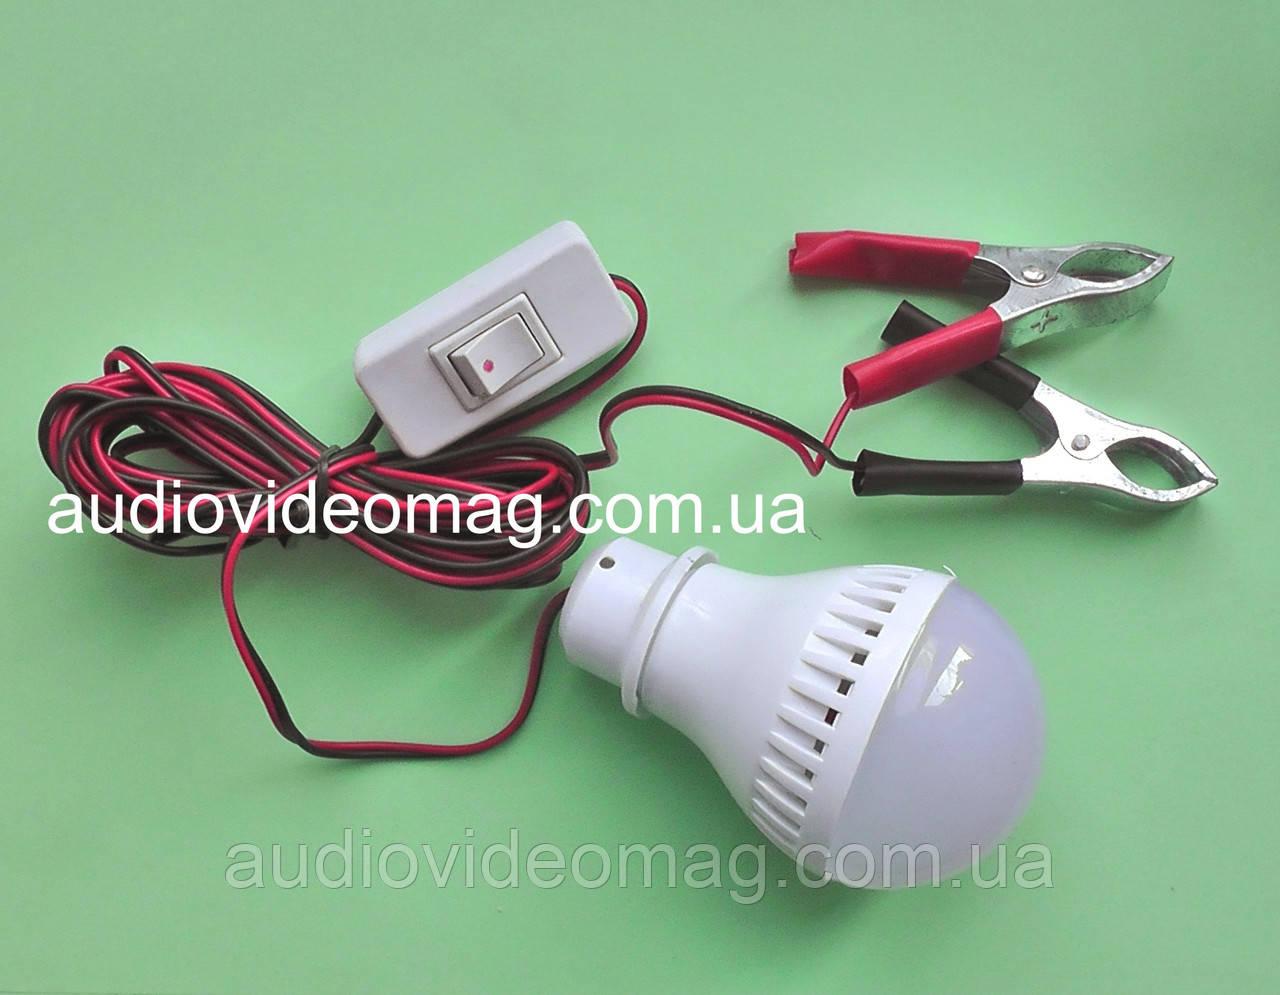 Лампа светодиодная 12V 5Wt для подключения к аккумулятору, кабель 4 метра с выключателем